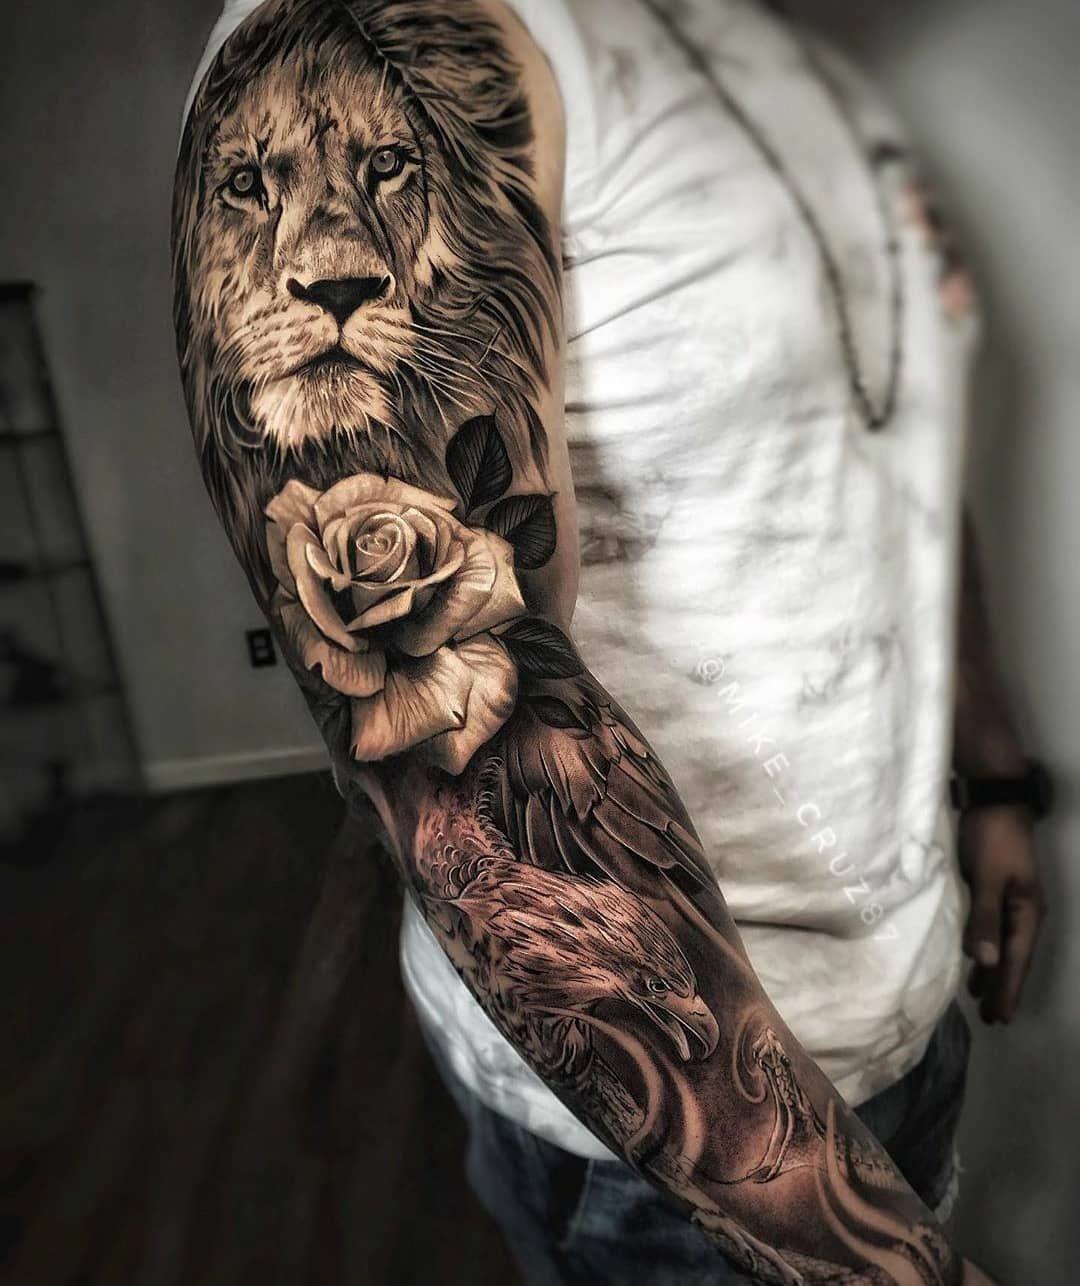 Best tattoos world on instagram